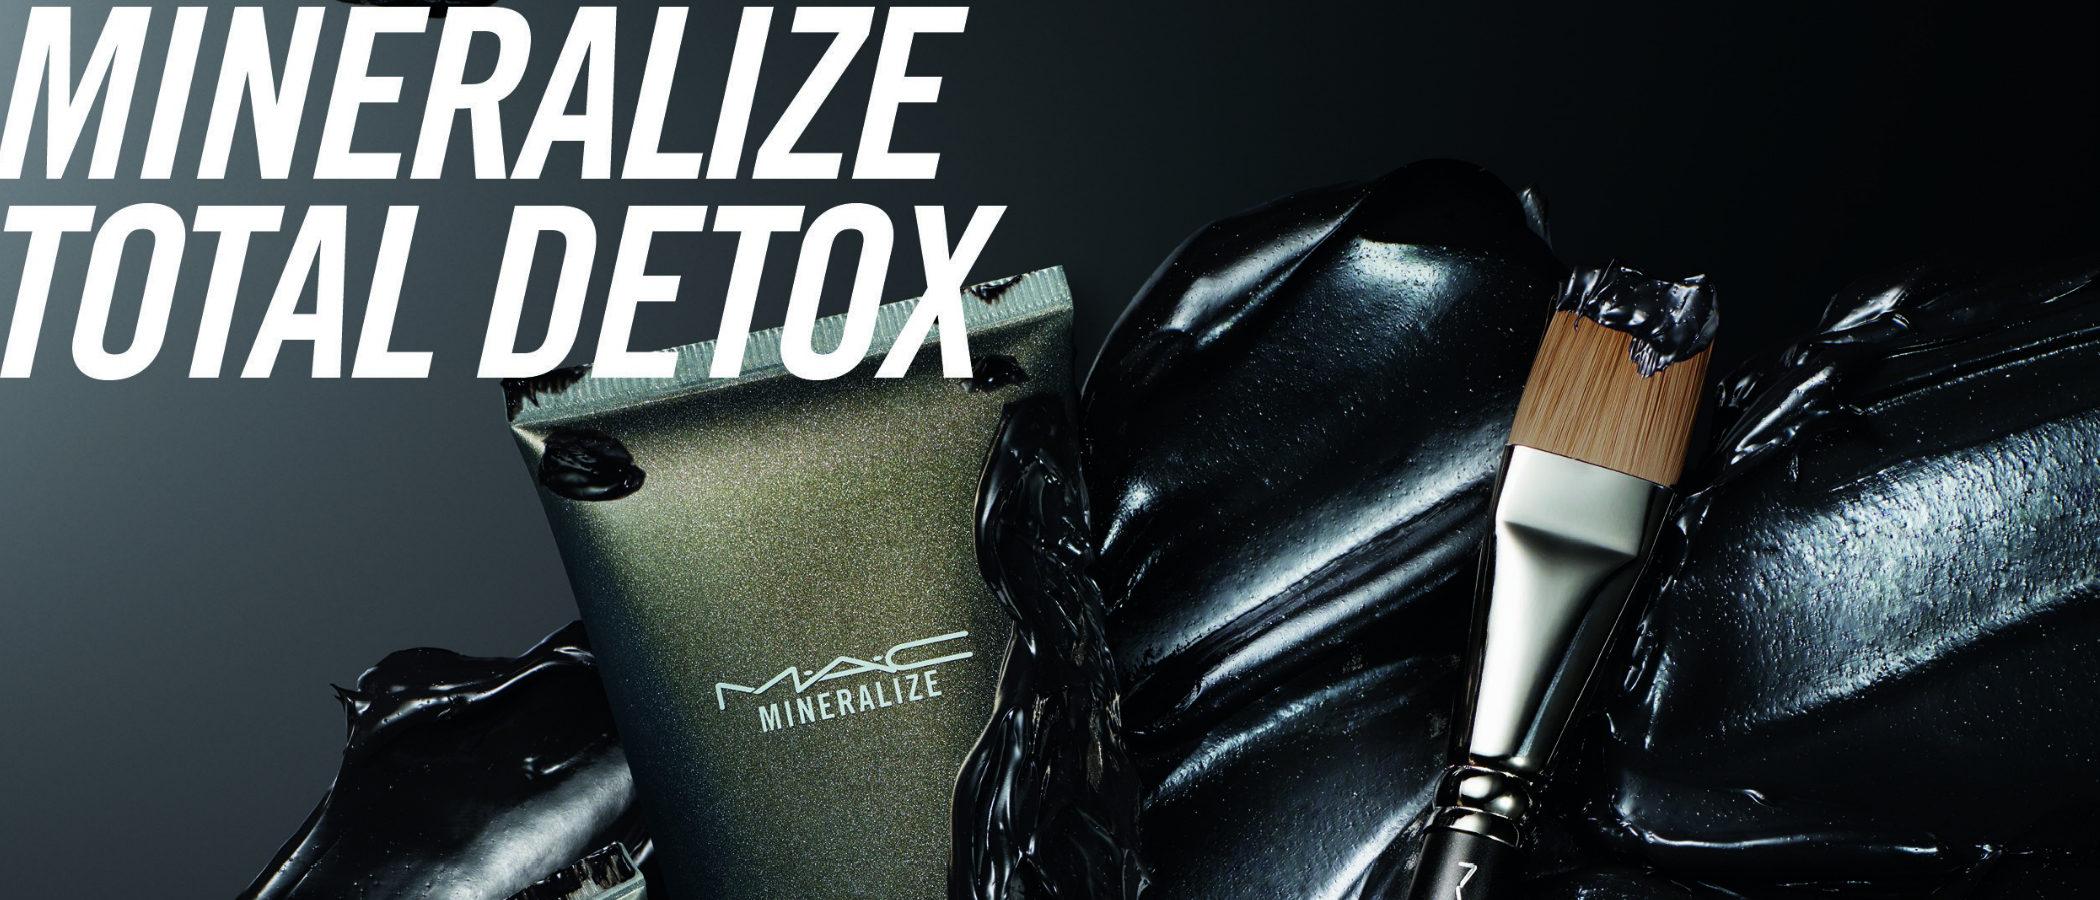 'Mineralize Total Detox', la línea de cuidado facial de MAC que cuenta con el carbón como ingrediente estrella